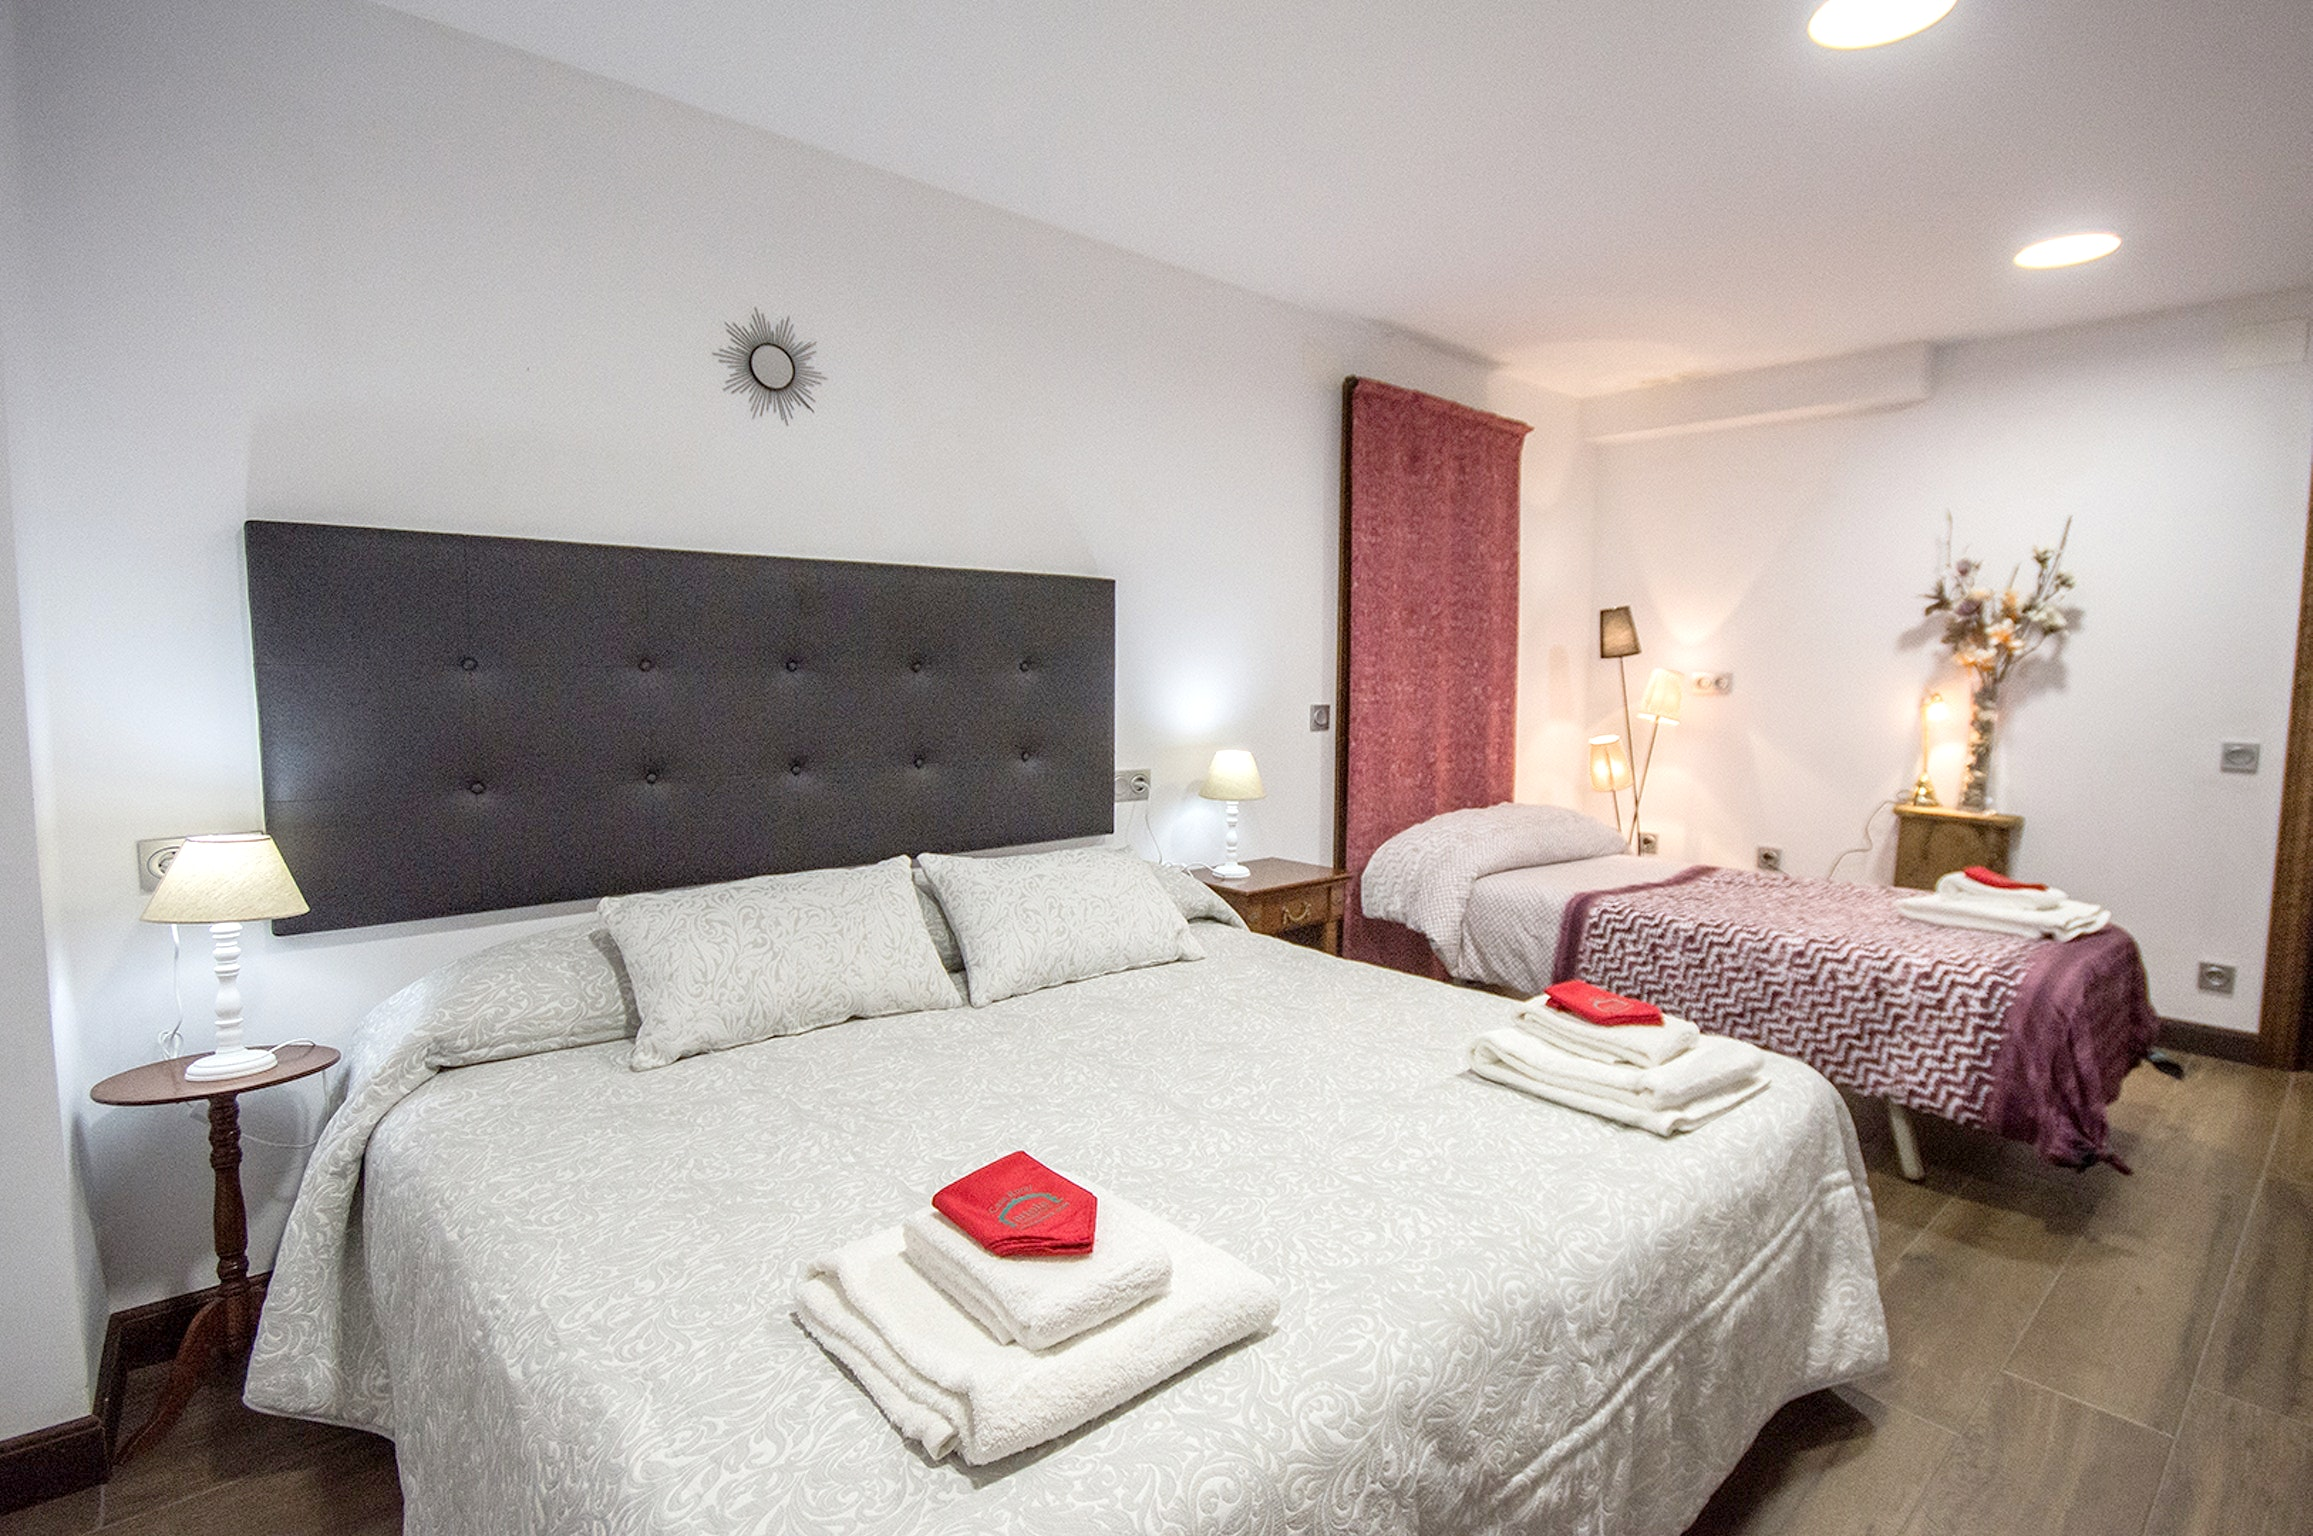 Ferienhaus Haus mit 5 Schlafzimmern in Baráibar mit toller Aussicht auf die Berge, möbliertem Garten  (2541138), Baraibar, , Navarra, Spanien, Bild 28